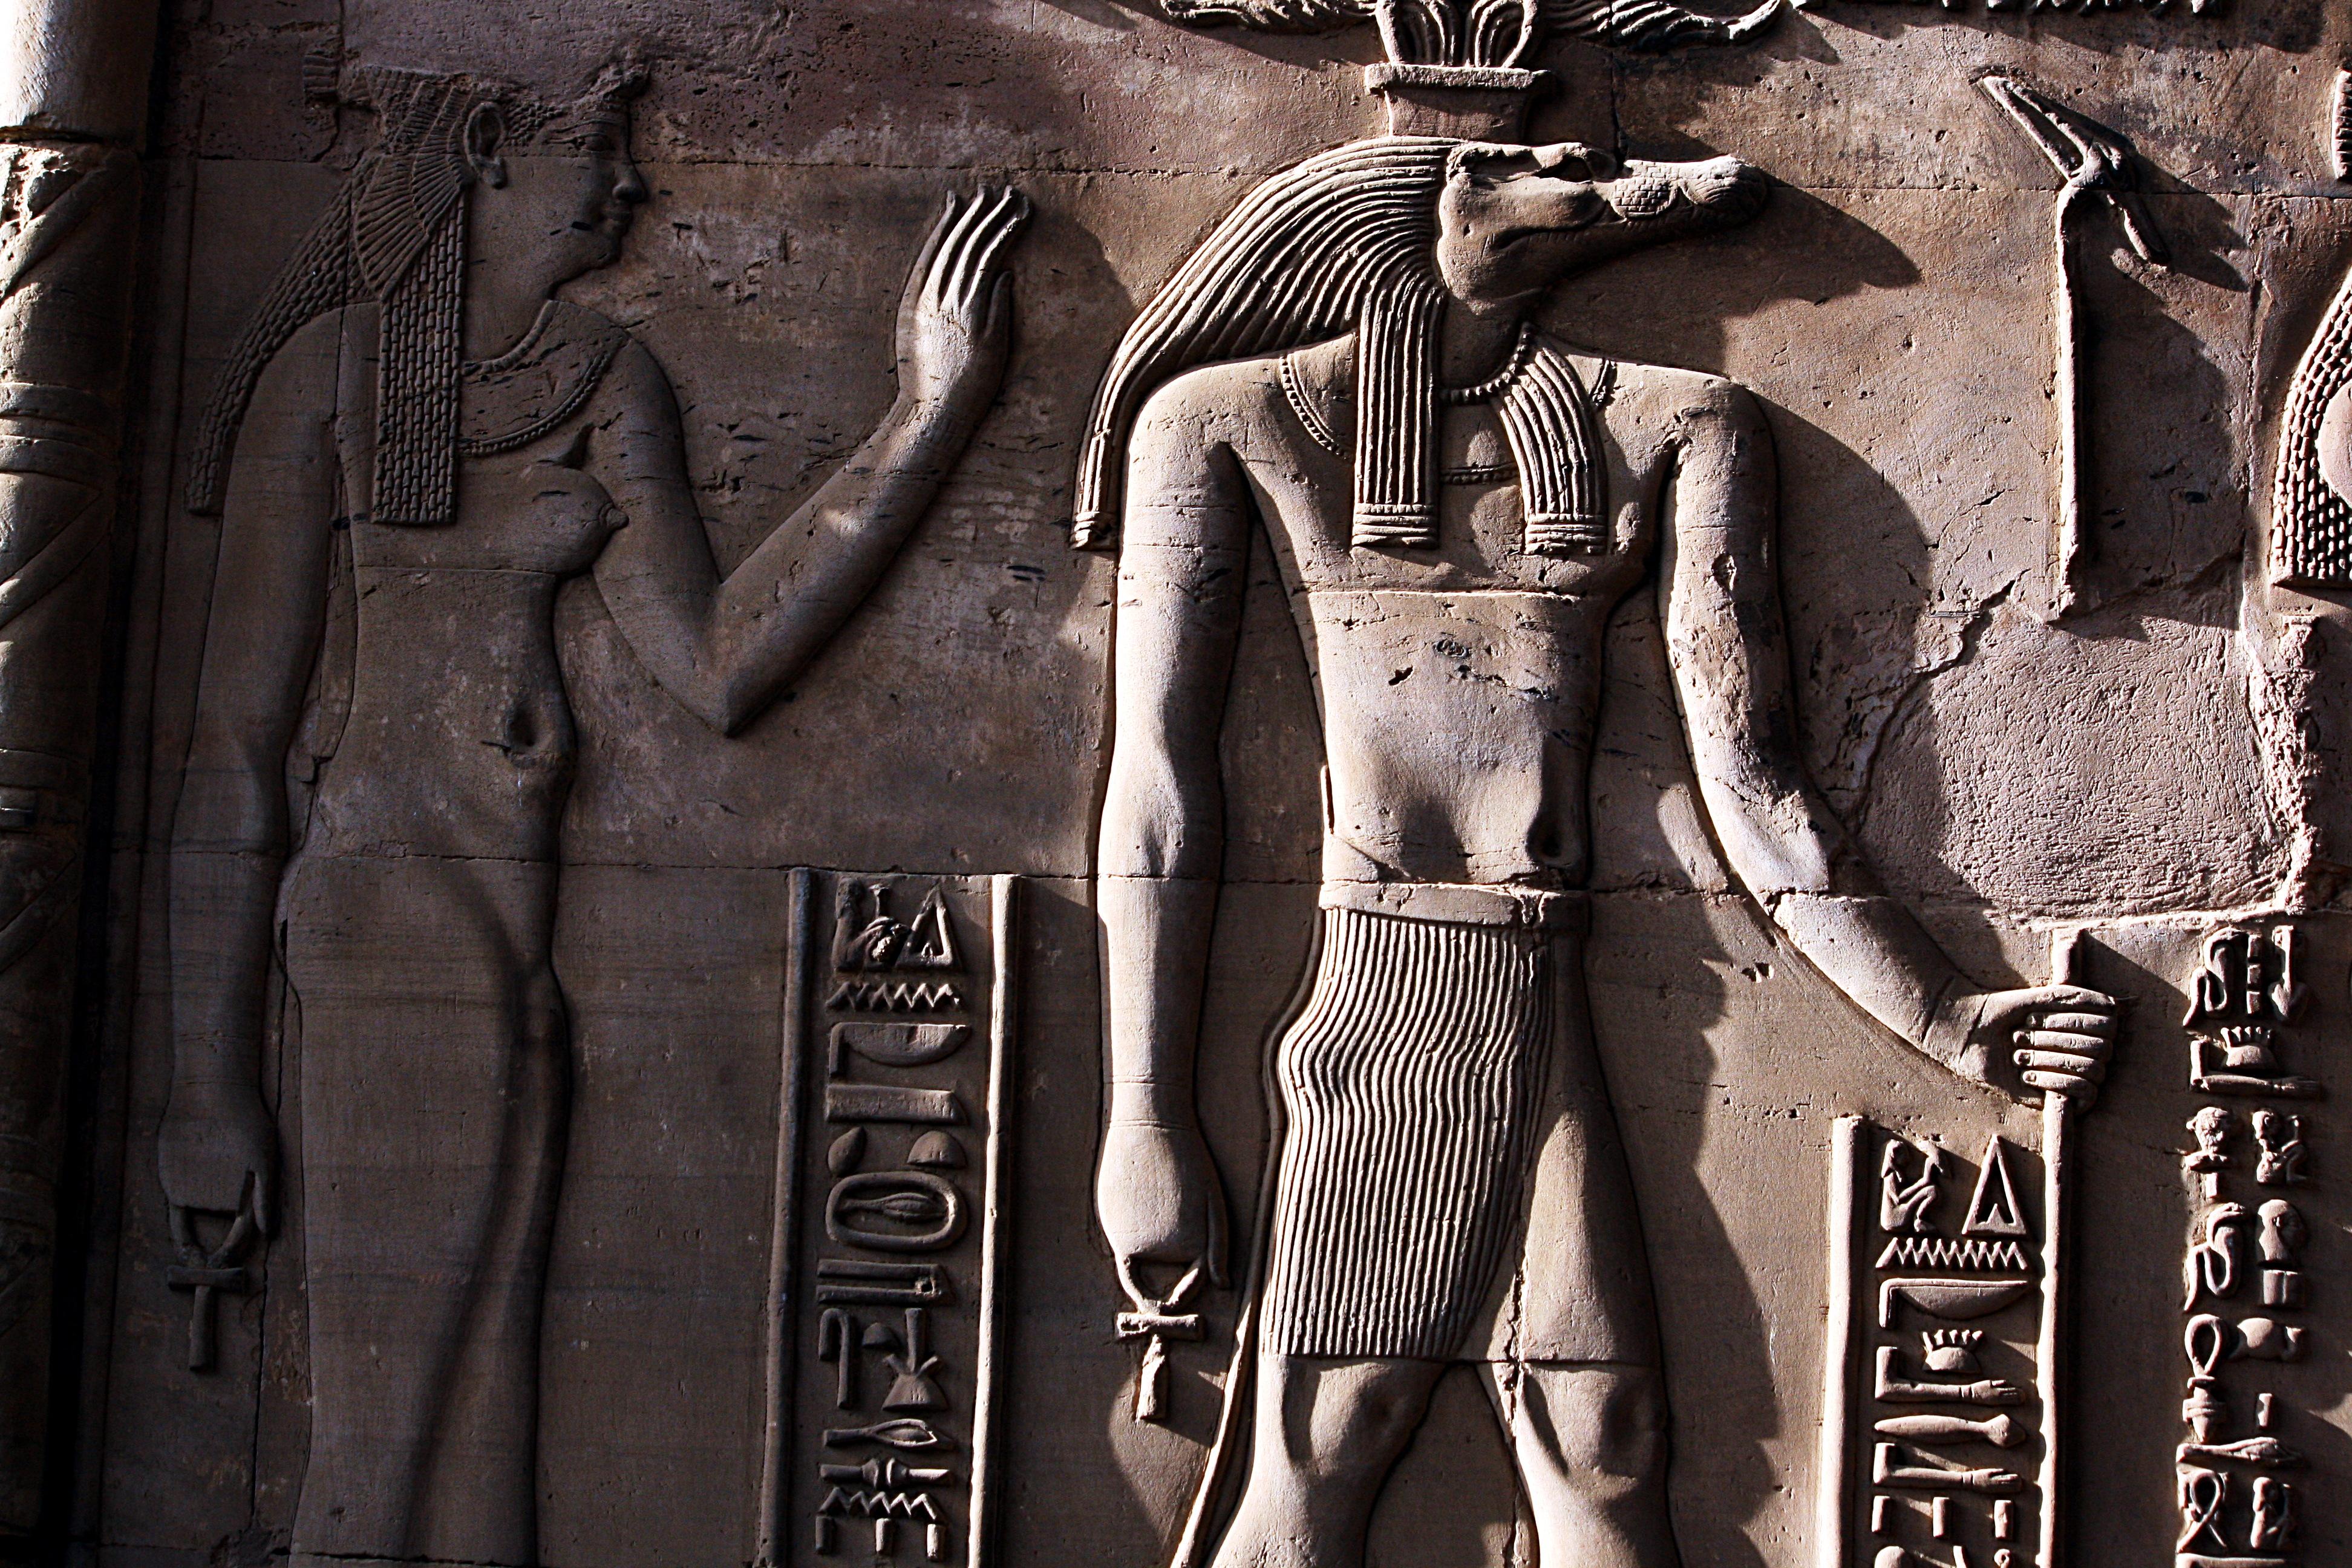 Легенды о животных: Себек - в Древнем Египте почитался как добрый бог водной стихии и разливов. фото: Commons.wikimedia.org